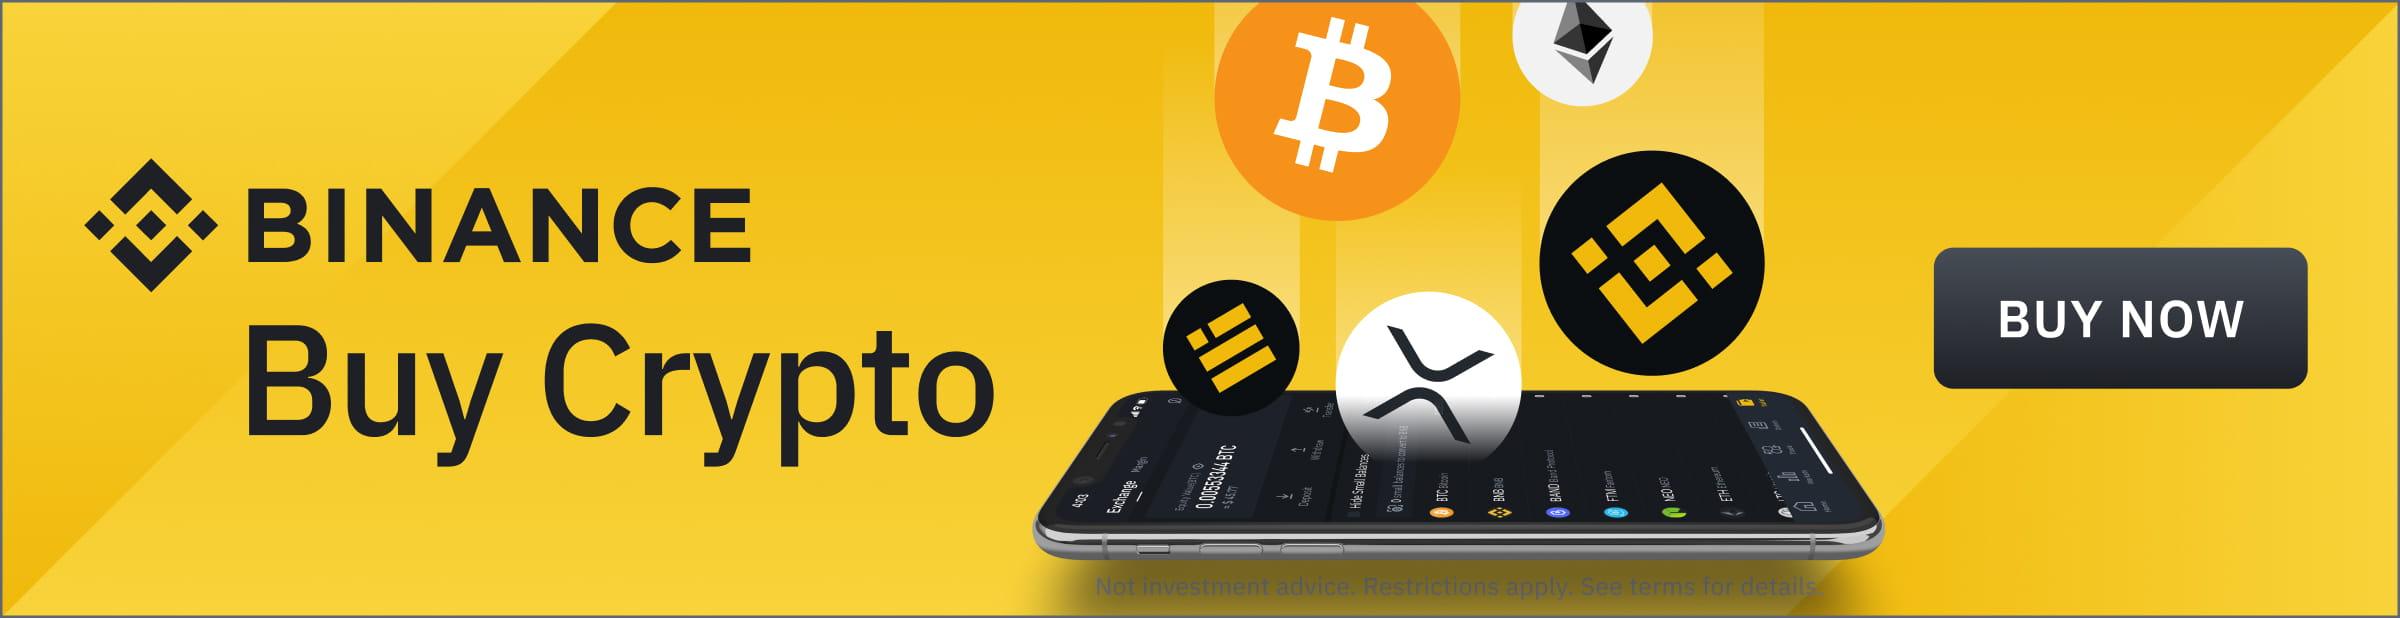 bitcoin bányászati részvények tarkov bitcoin trades